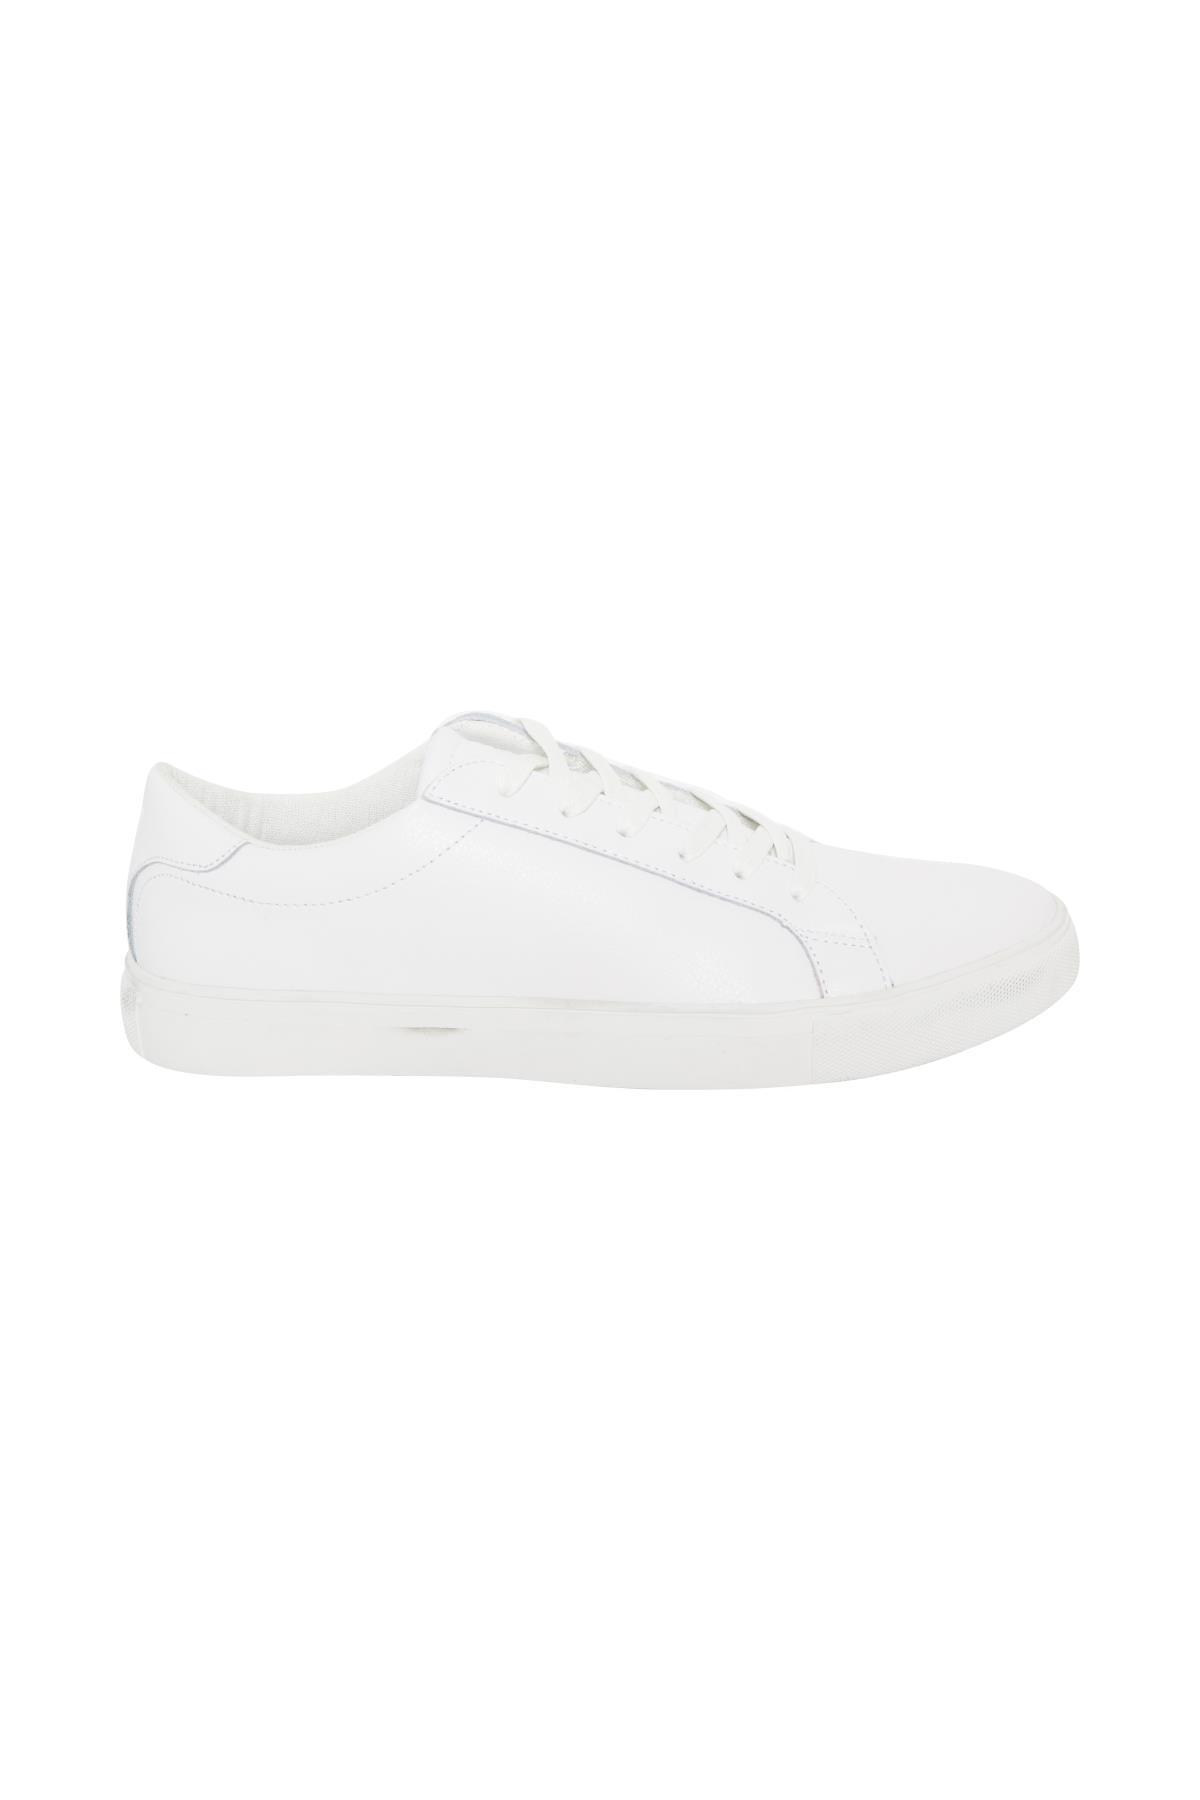 Hvid Sko fra Blend He Shoes – Køb Hvid Sko fra str. 40-46 her